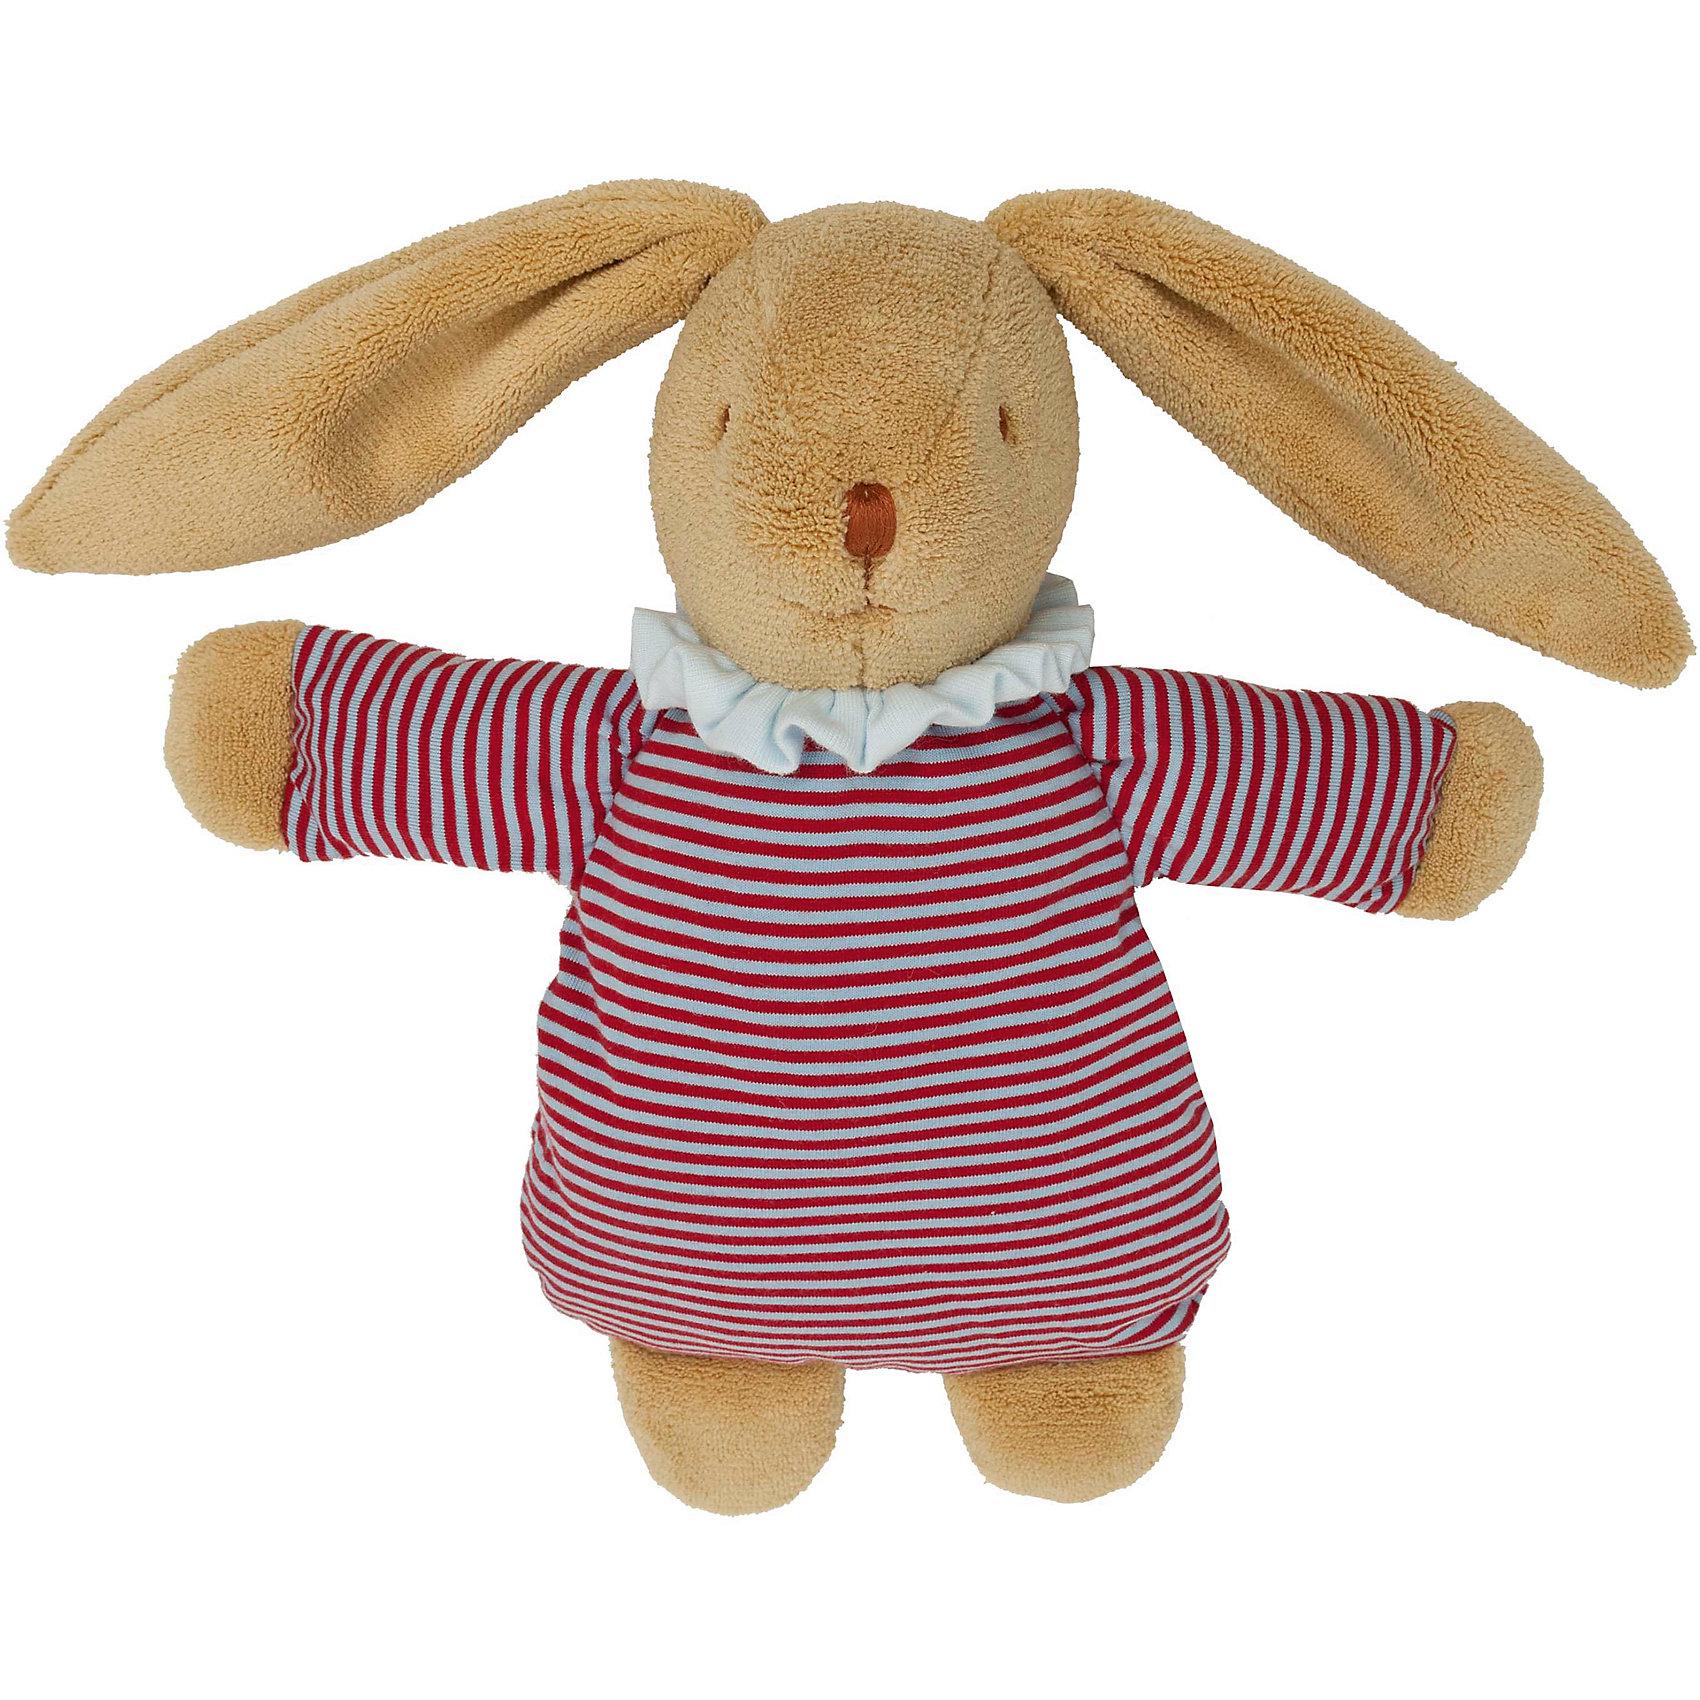 Мягкая игрушка Зайка с кармашком, в полоску, 32см&#13;, TrousselierМягкая игрушка Зайка с кармашком, в полоску, 32см, Trousselier<br><br>Характеристики:<br><br>• Размер: 32 см<br>• Цвет: коричневый, мульти<br>• Материал: текстиль, полиэстер, хлопок<br>• Возраст: от 0 месяцев<br><br>Веселый зайчик в платье станет другом для вашего малыша. Натуральный материал не вызывает аллергию и полностью безопасен для нежной кожи. Малыш сможет спать с зайкой, с первых дней своей жизни. Кроме того у зайки есть кармашек, который подрастающий малыш сможет использовать как первый тайник.<br><br>Мягкая игрушка Зайка с кармашком, в полоску, 32см, Trousselier можно купить в нашем интернет-магазине.<br><br>Ширина мм: 350<br>Глубина мм: 205<br>Высота мм: 80<br>Вес г: 350<br>Возраст от месяцев: -2147483648<br>Возраст до месяцев: 2147483647<br>Пол: Унисекс<br>Возраст: Детский<br>SKU: 4964804